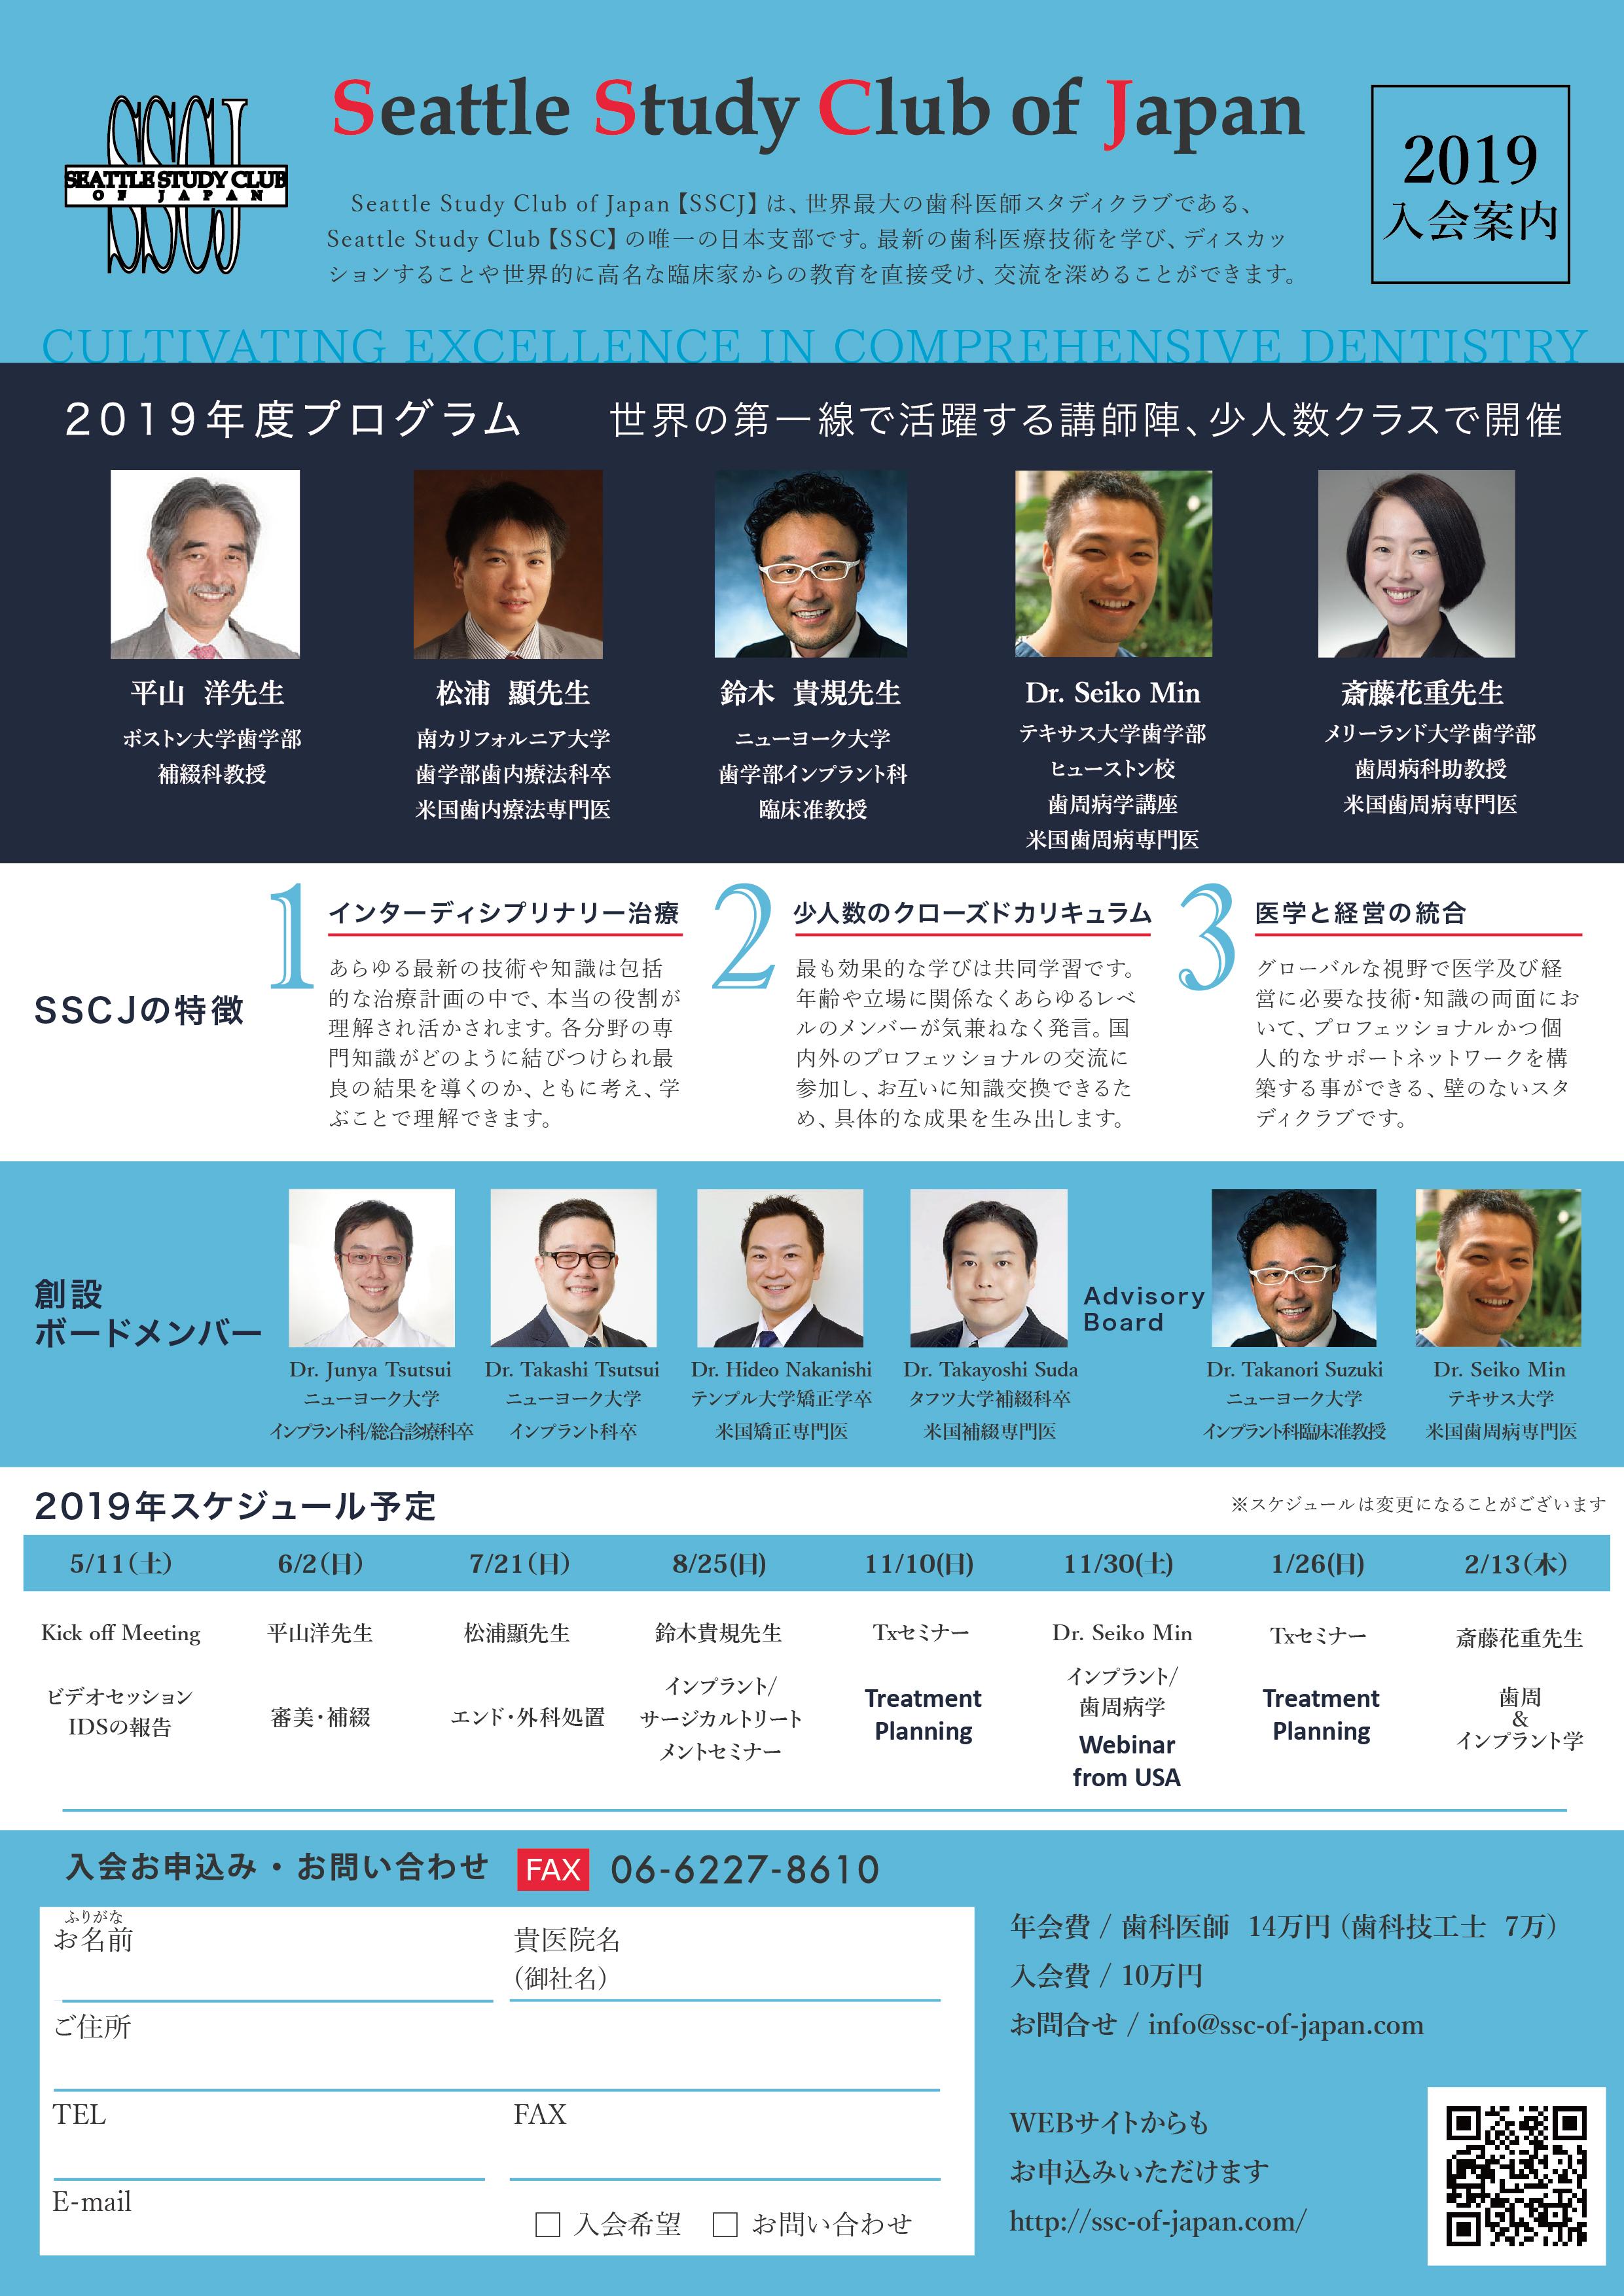 2019sscj年間プログラムフライヤー-02